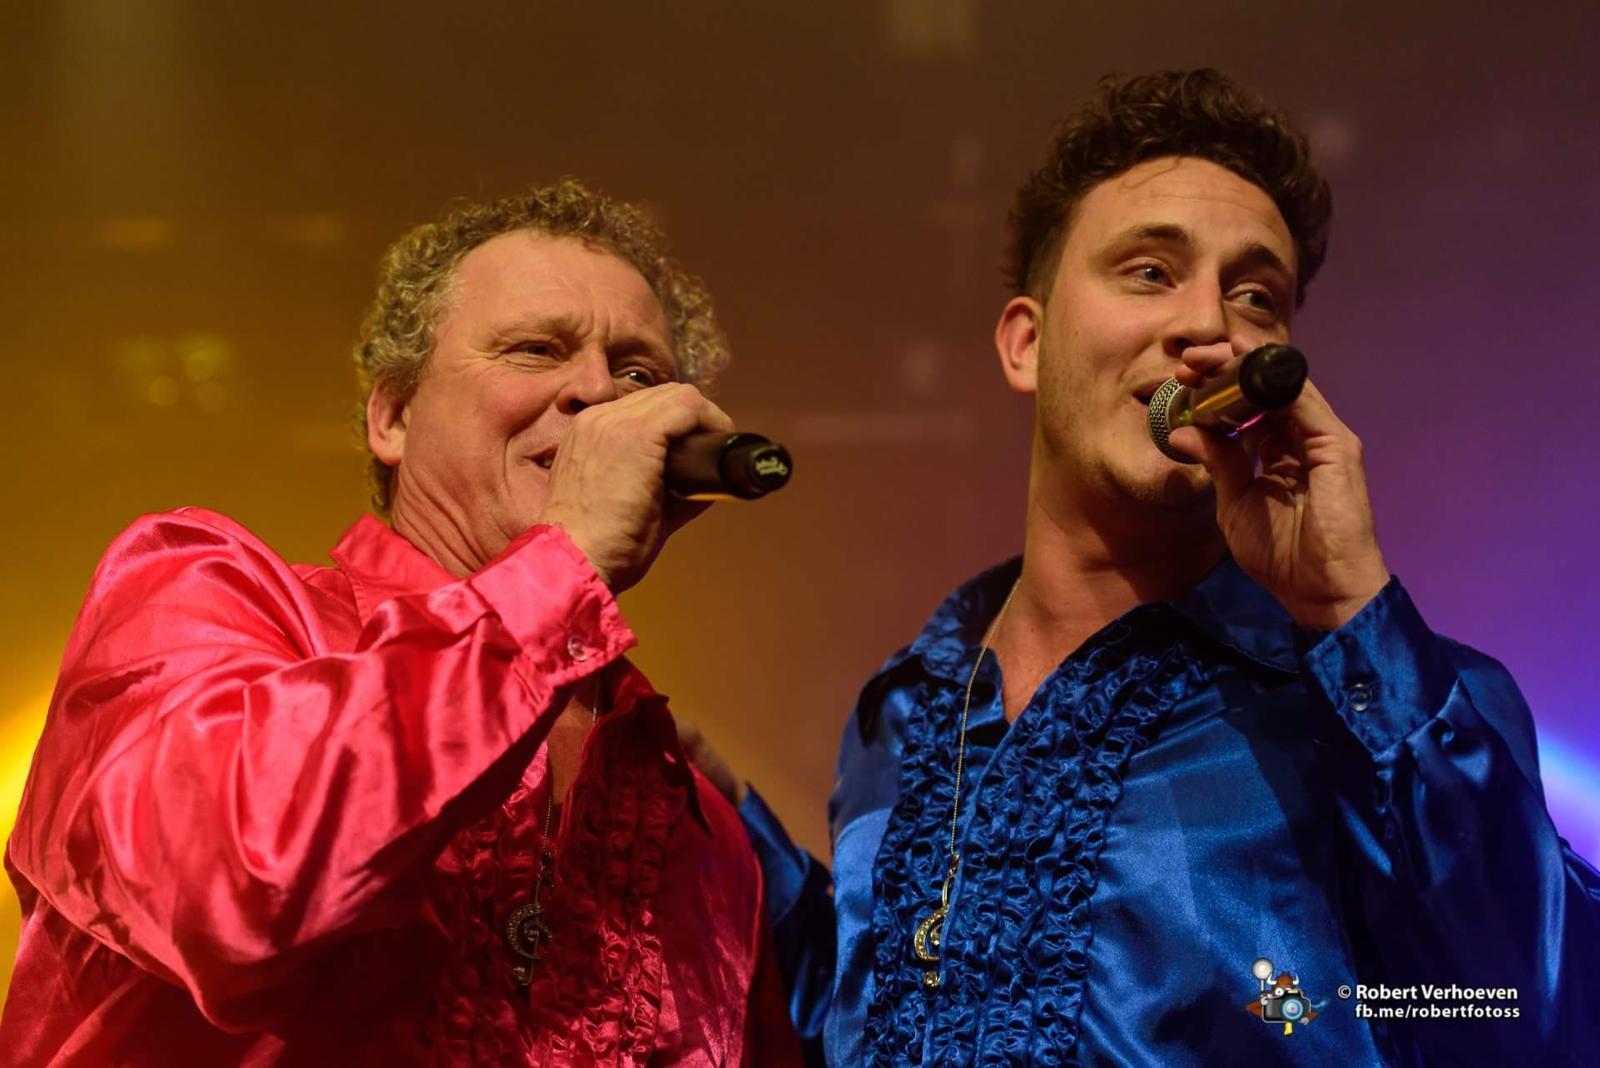 Maarten en Stijn